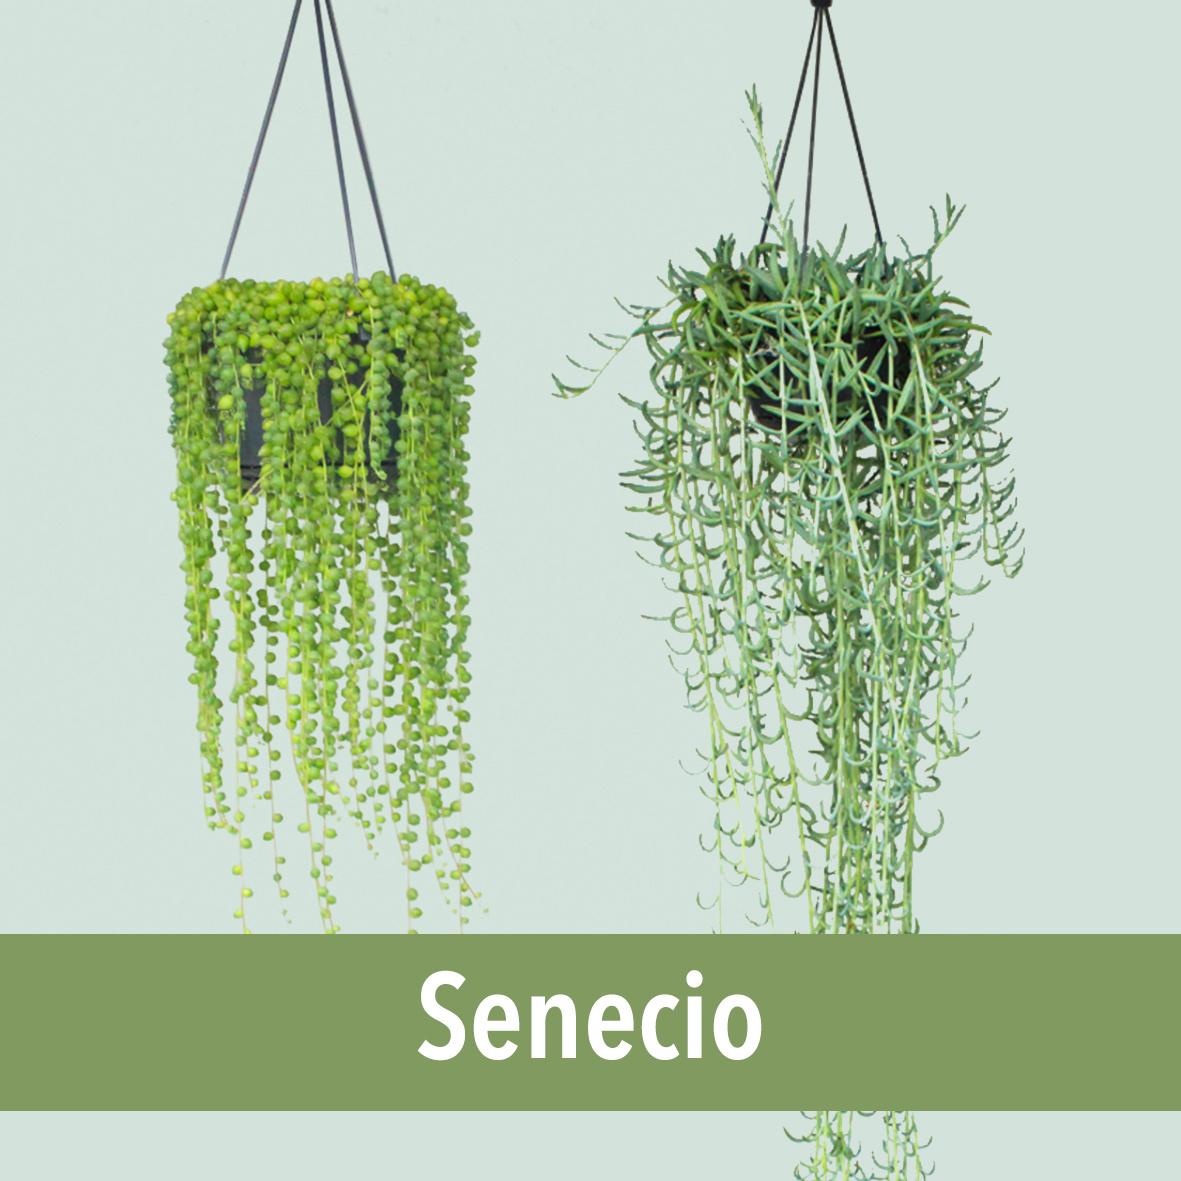 senecio